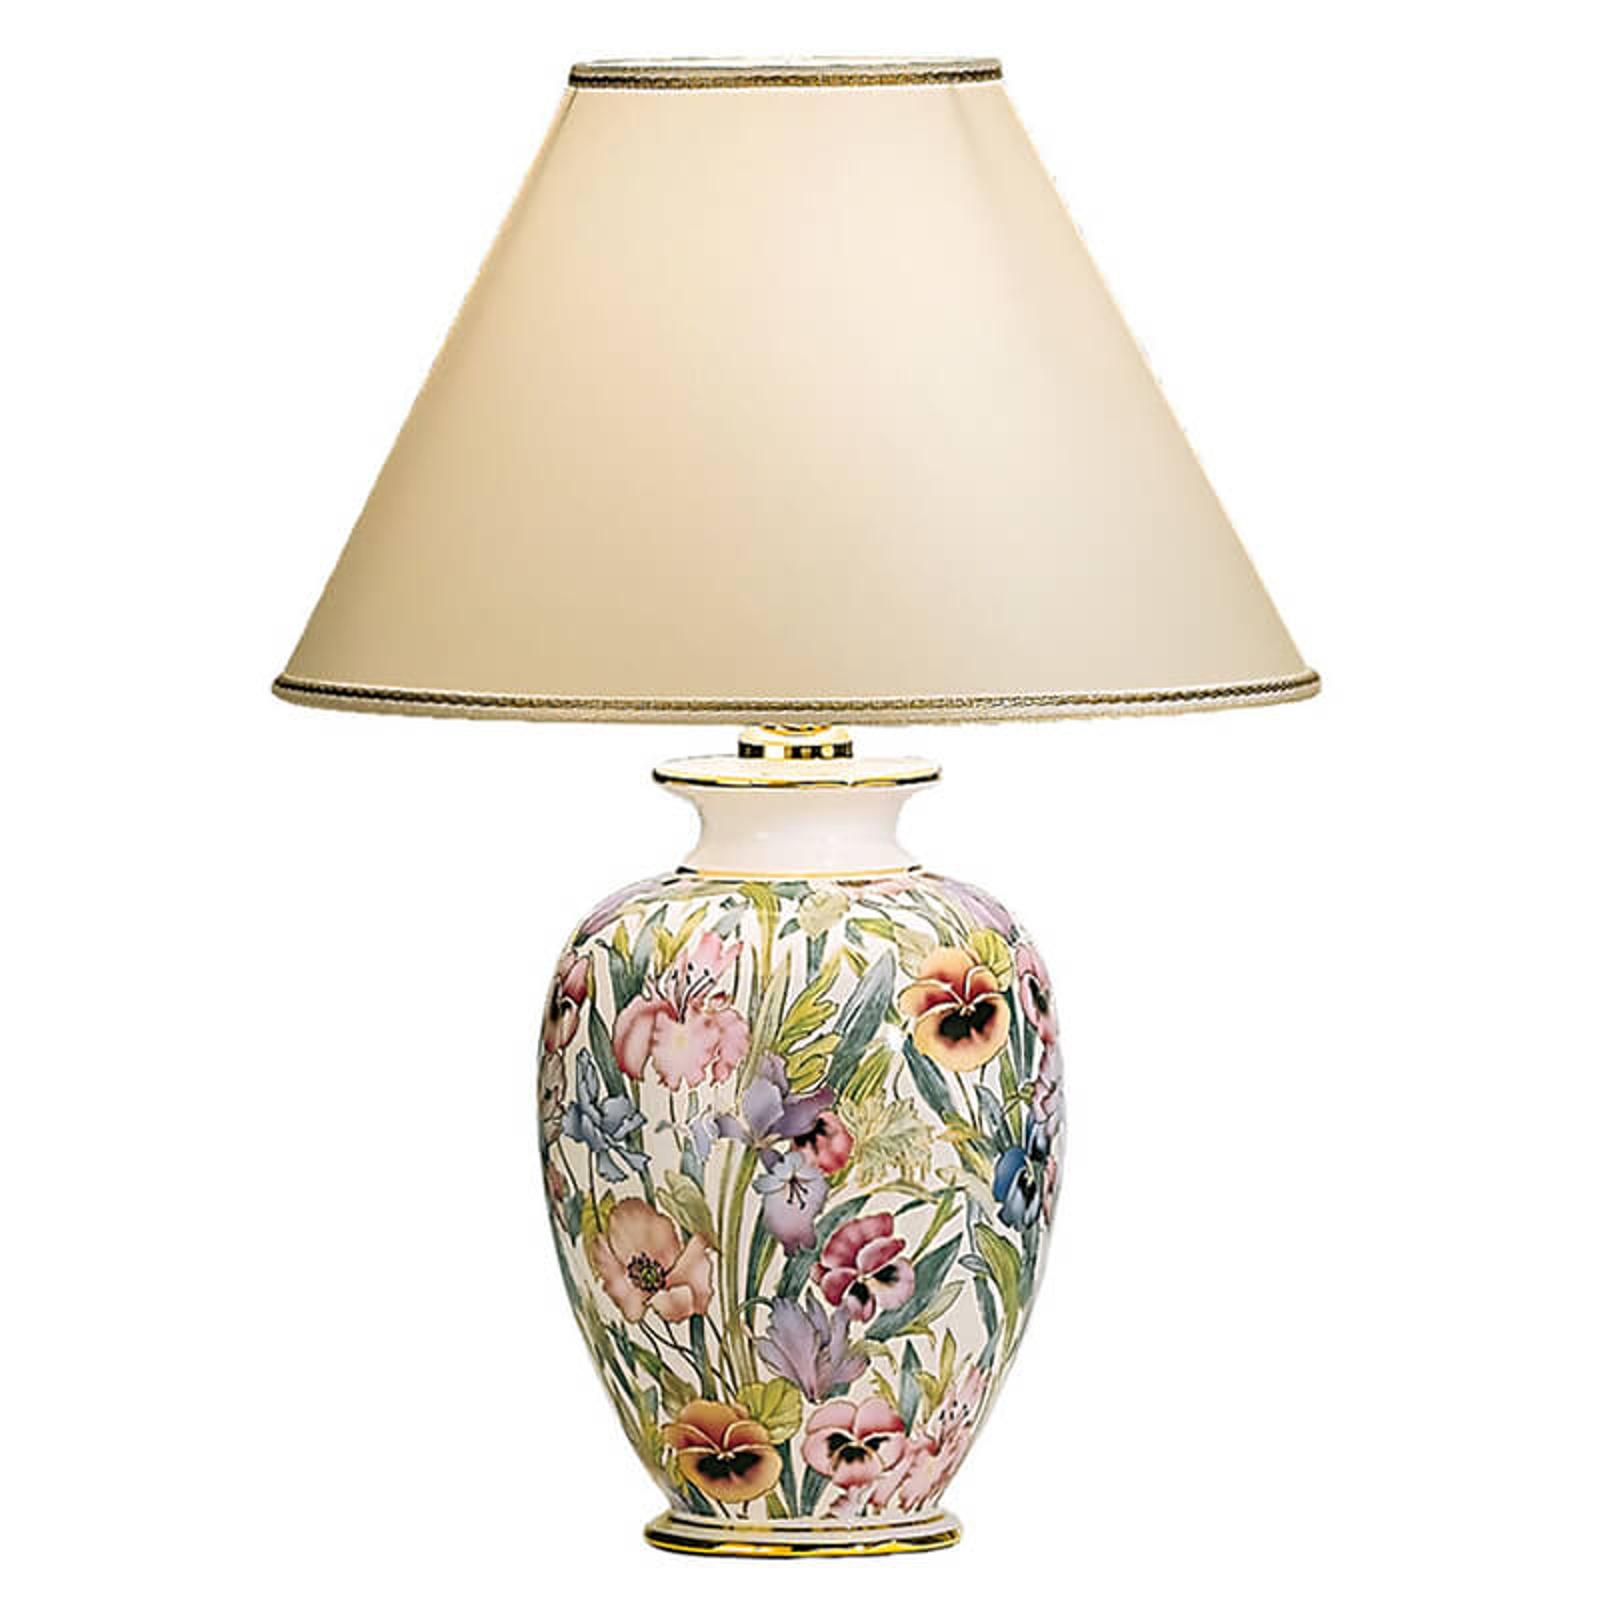 Lampe à poser peinte main GIARDINO PANSE 30 cm